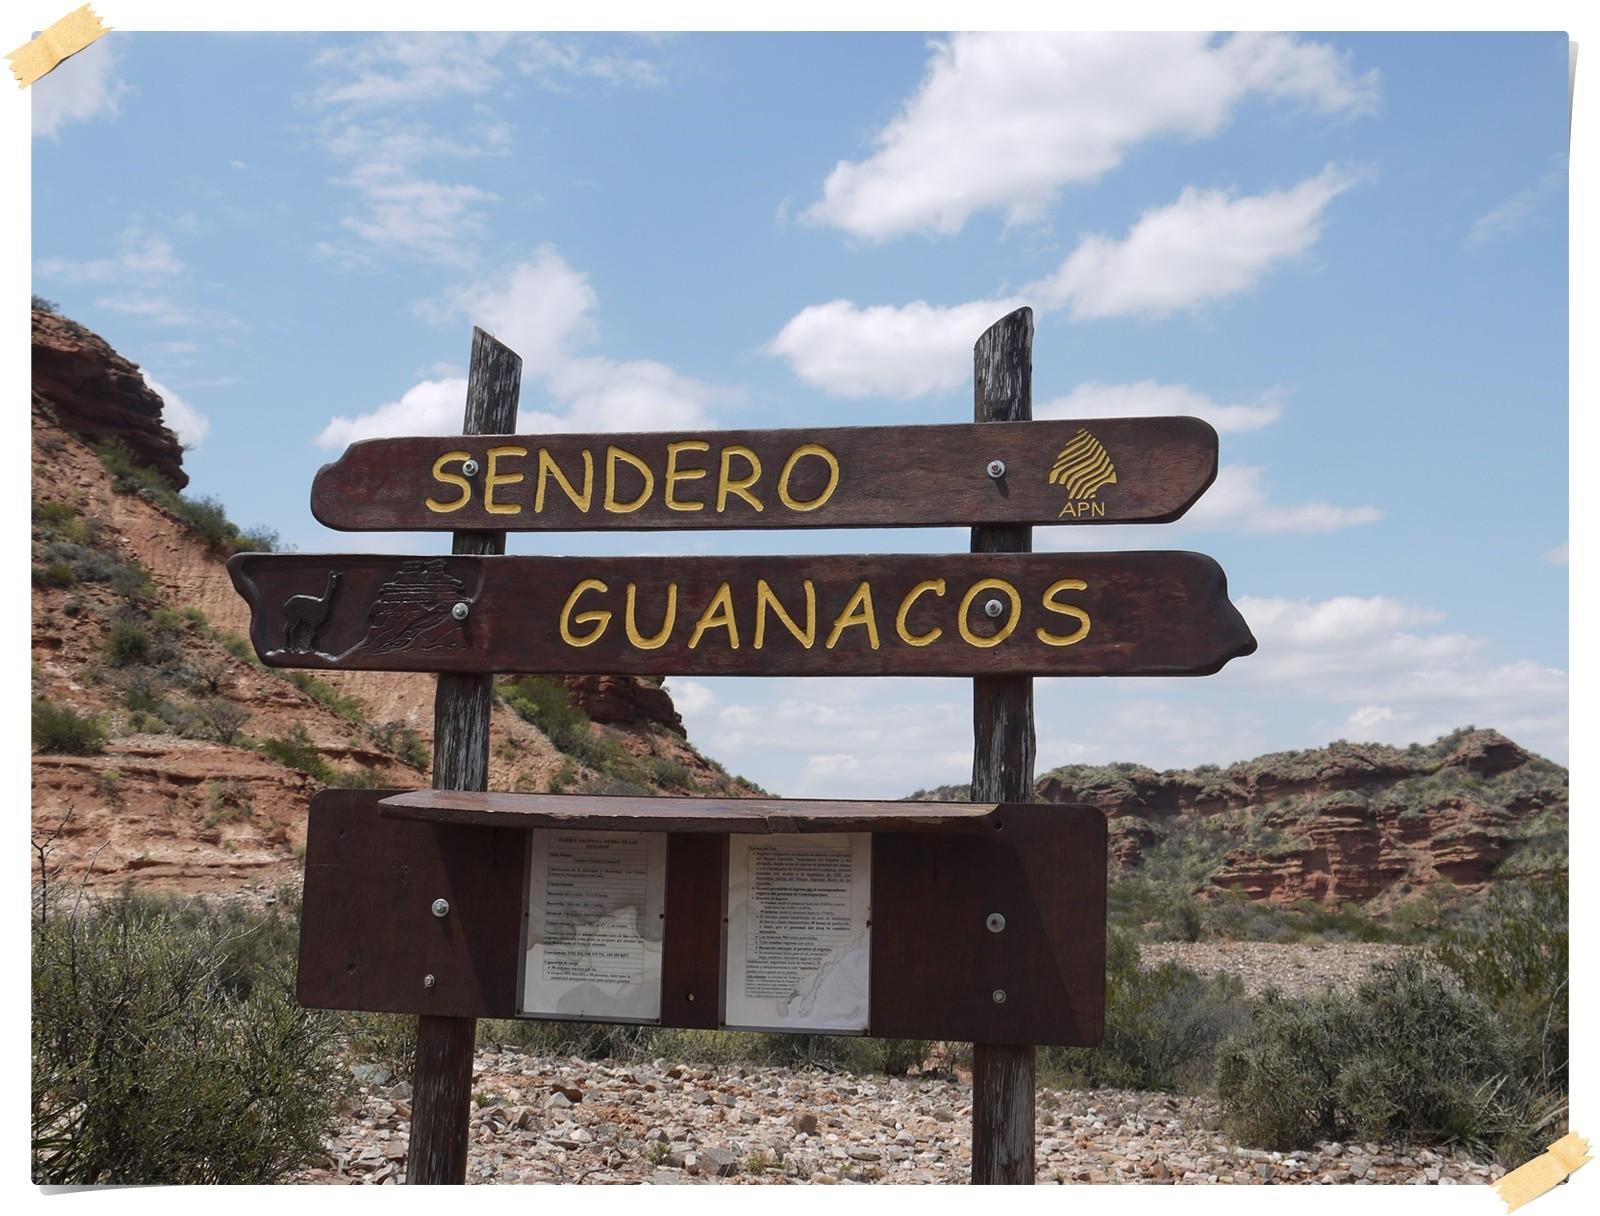 Wir gingen den Weg der Guanacos...